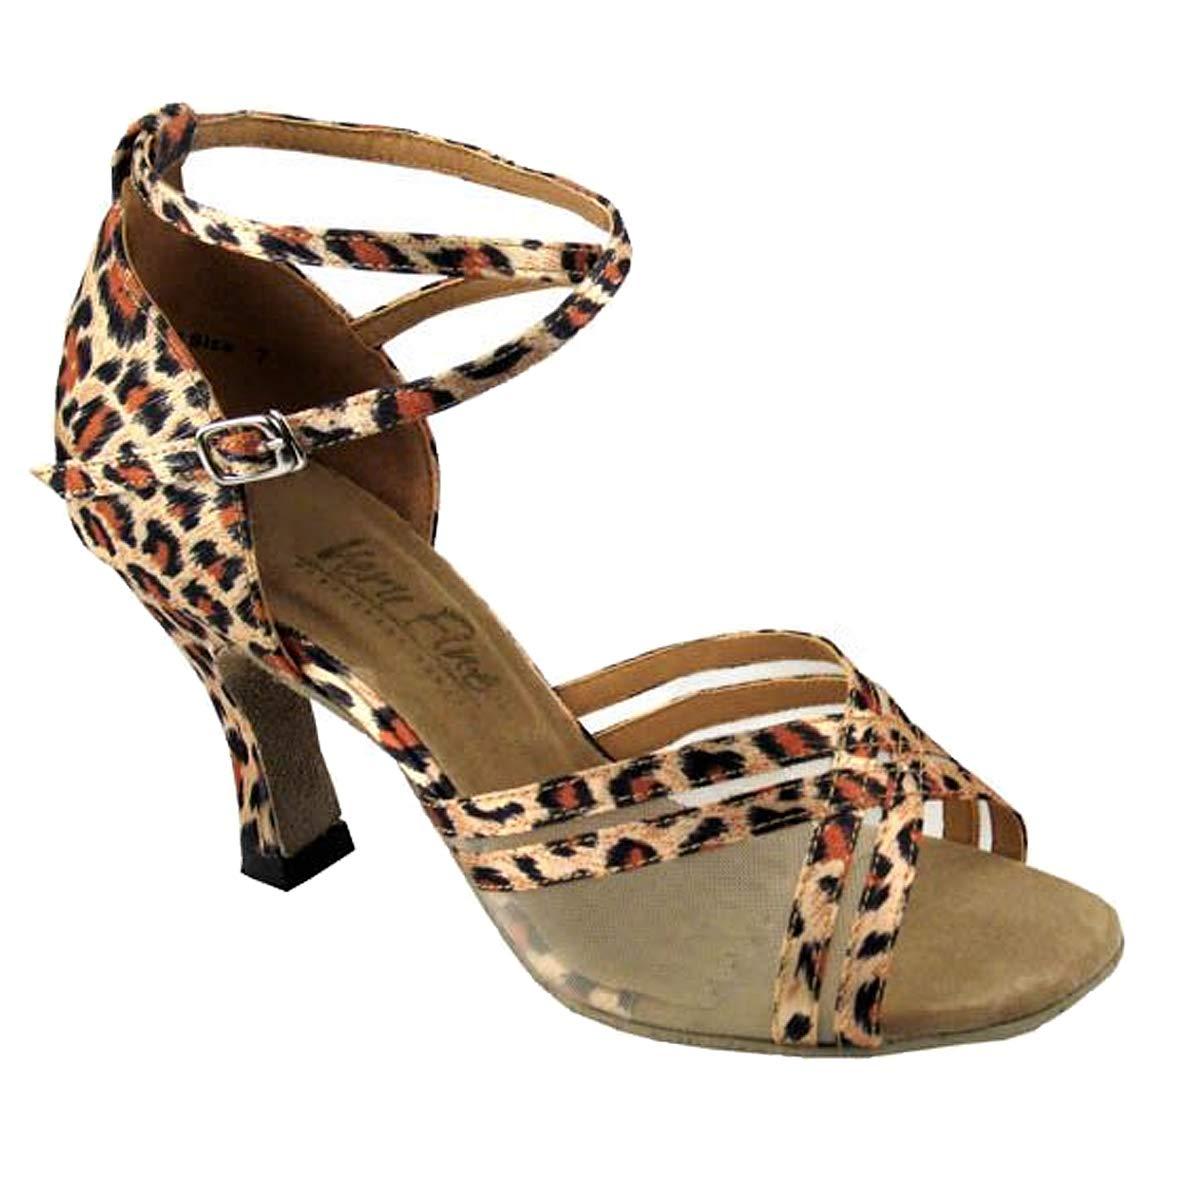 レディース社交ダンスシューズウェディングサルサタンゴ靴5017eb comfortable-very Fine 2.5